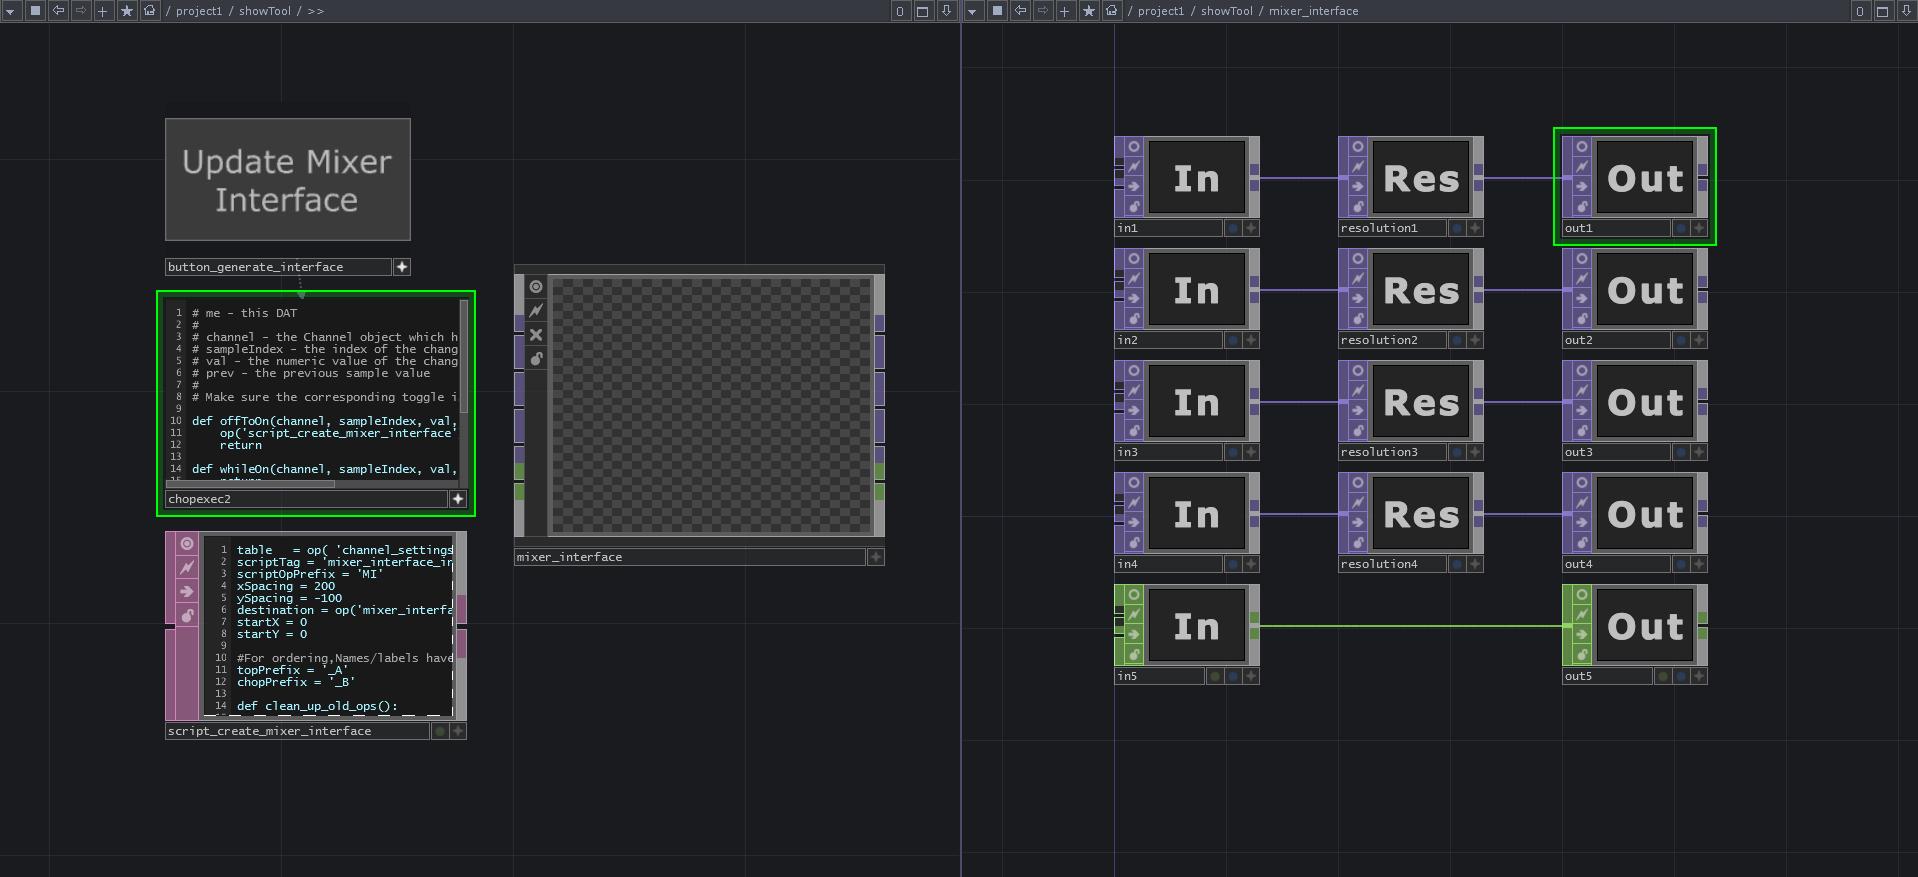 mixer_interface.png